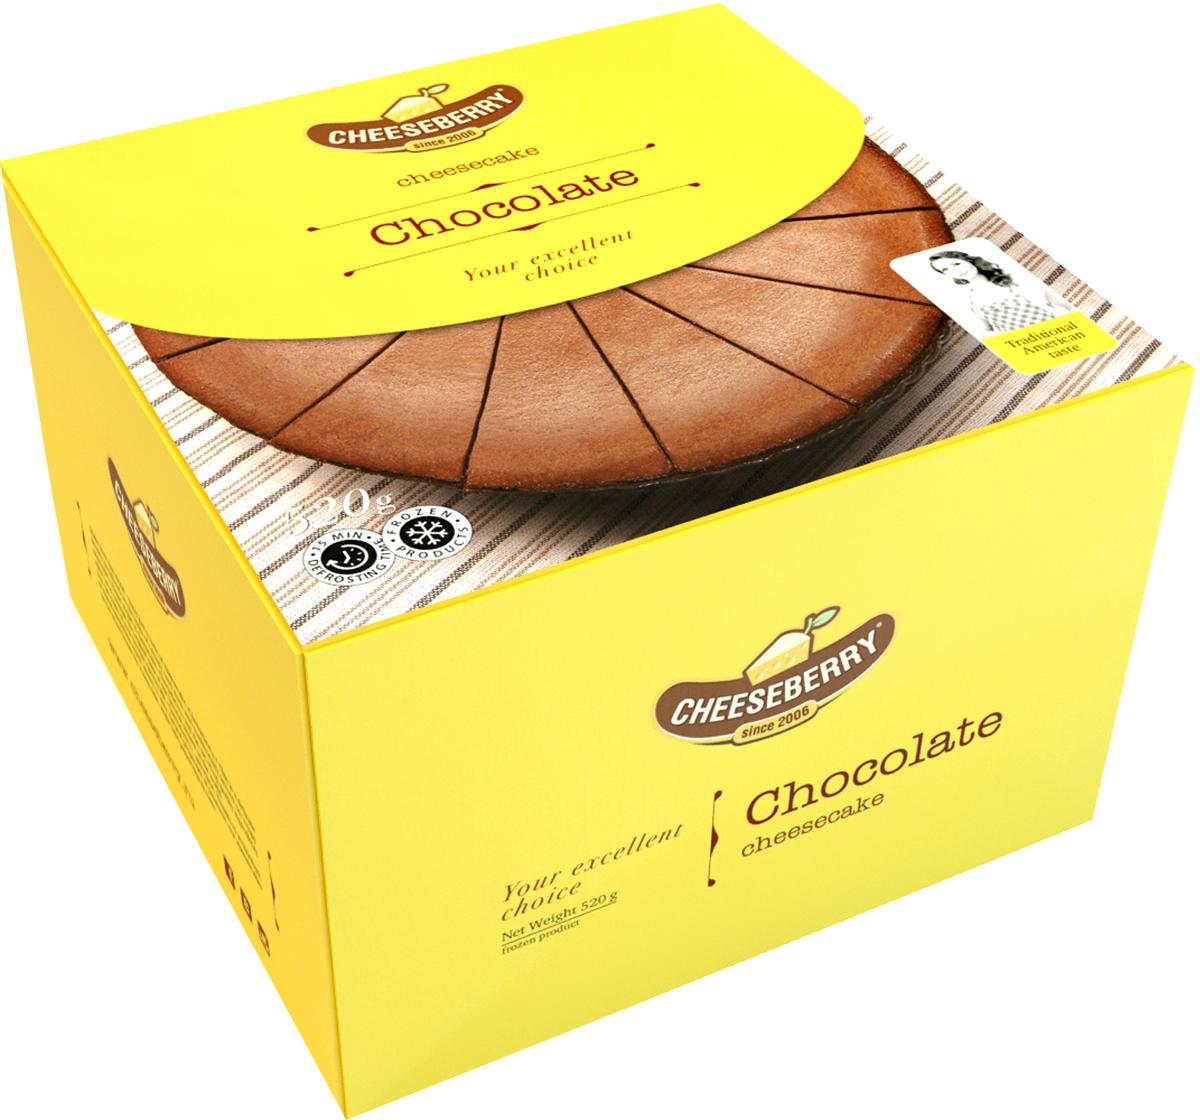 Cheeseberry Чизкейк Шоколадный, 520 г chokocat с днем рождения темный шоколад 85 г